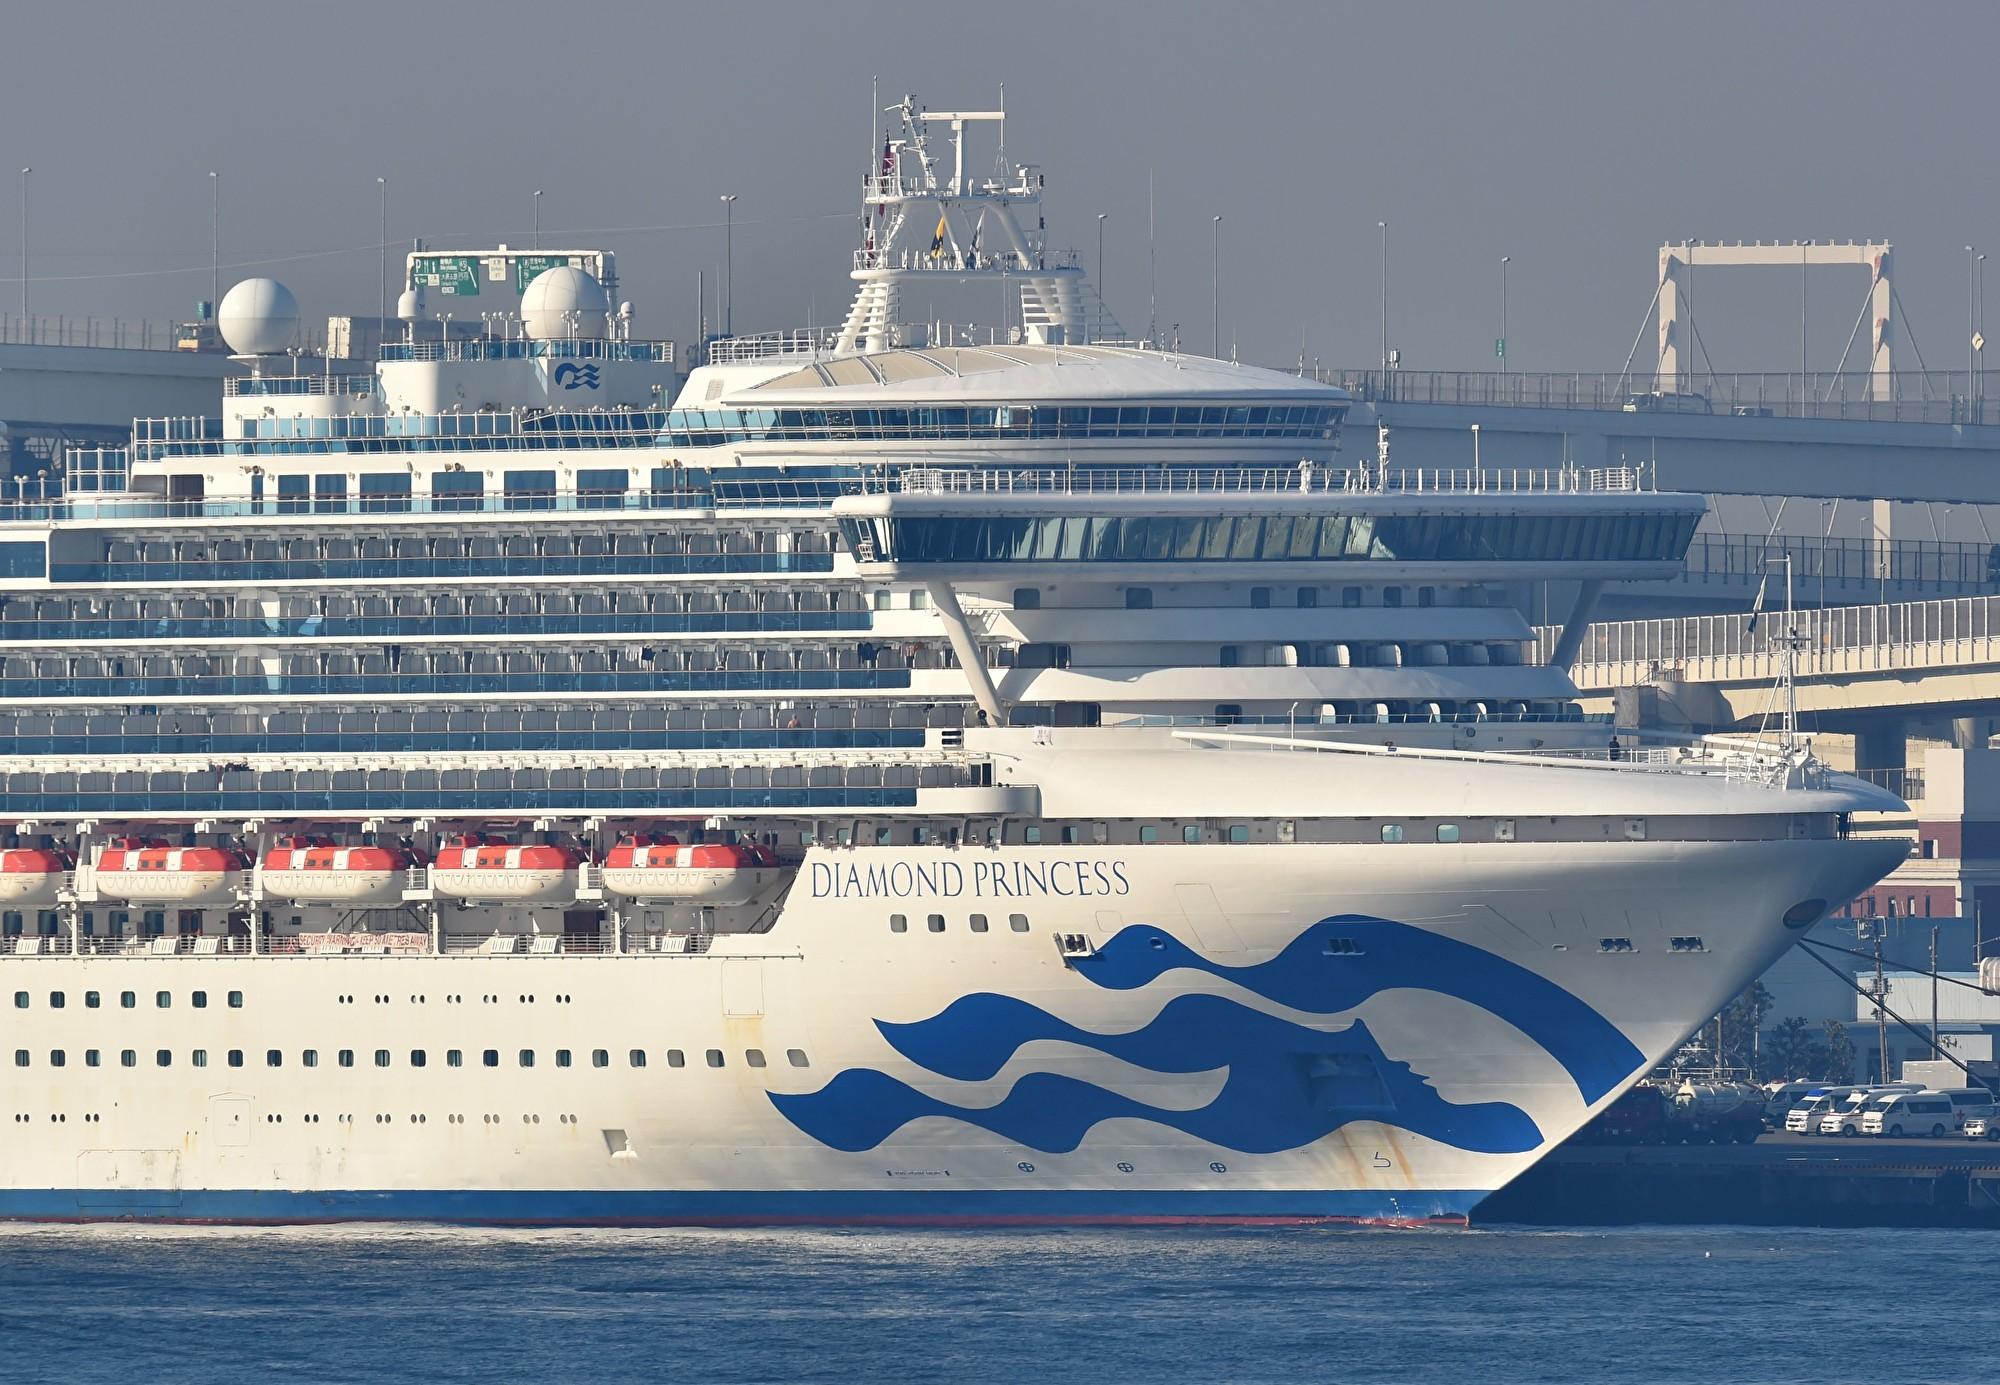 日本政府擬修正相關行政命令。自2020年2月14日起,飛機或船舶上只要有一人為中共肺炎確診病例,全部乘客一律不能入境。(Kazuhiro NOGI/AFP)